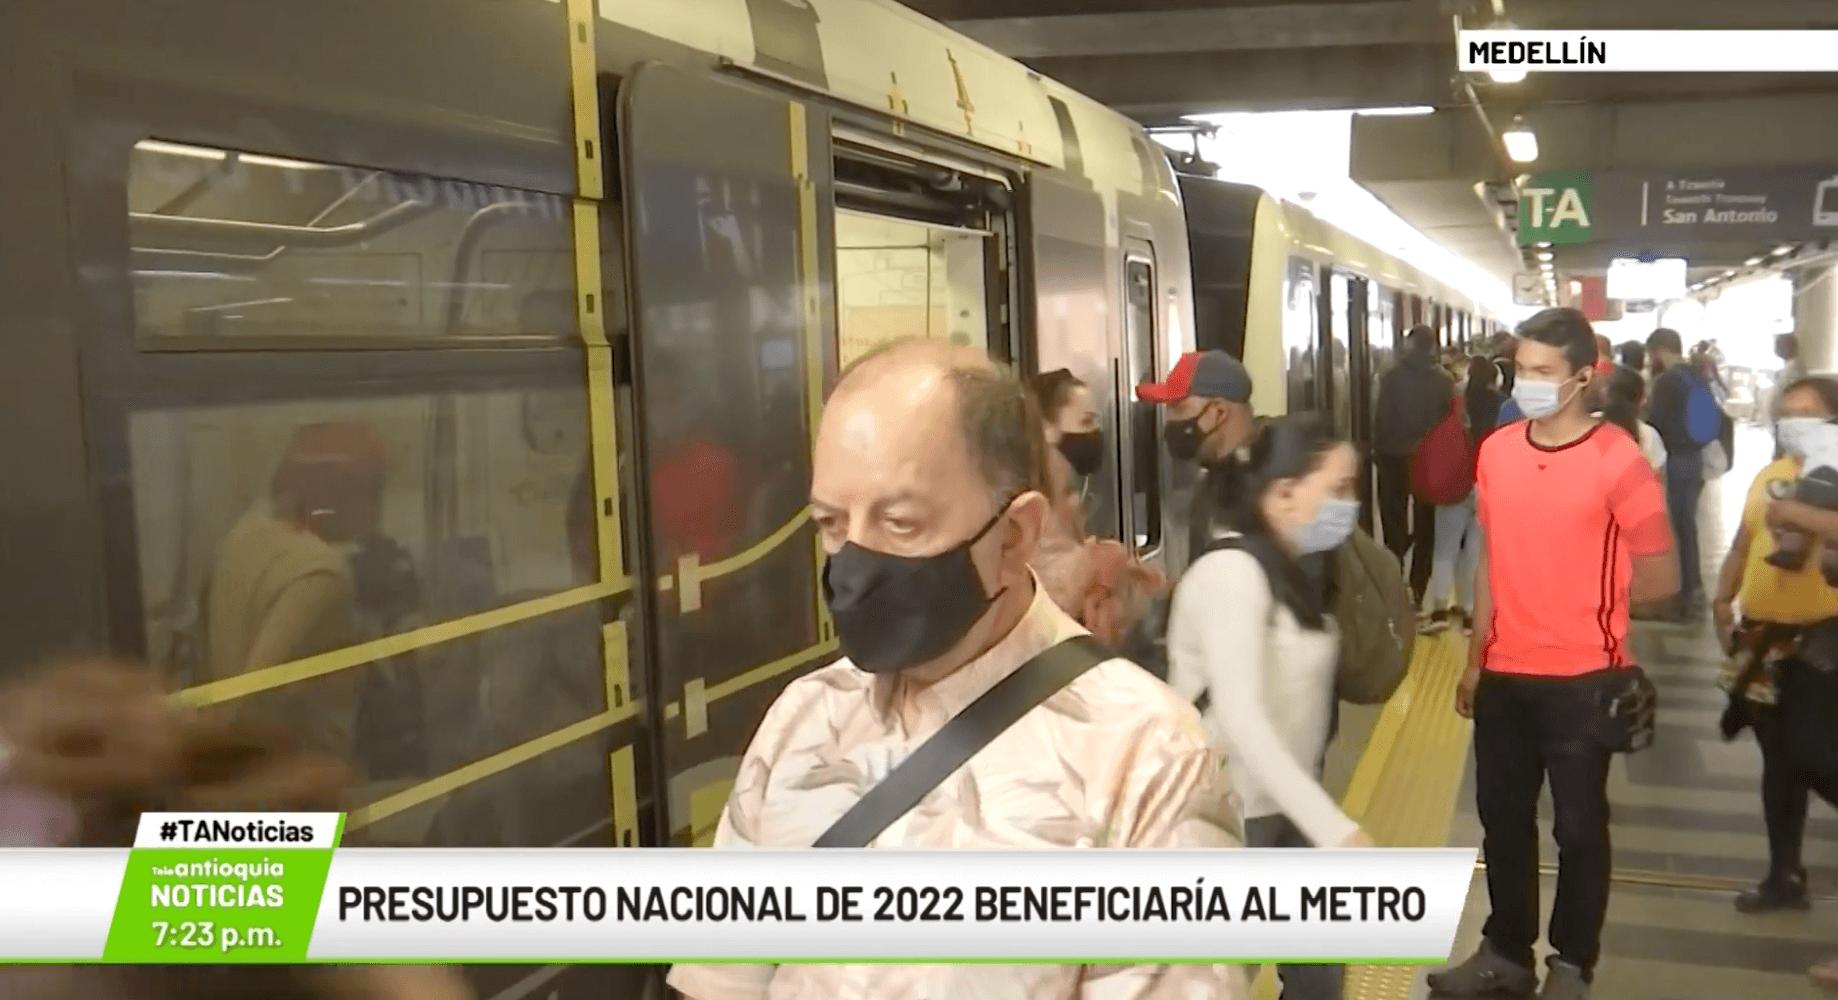 Presupuesto nacional de 2022 beneficiaría al Metro